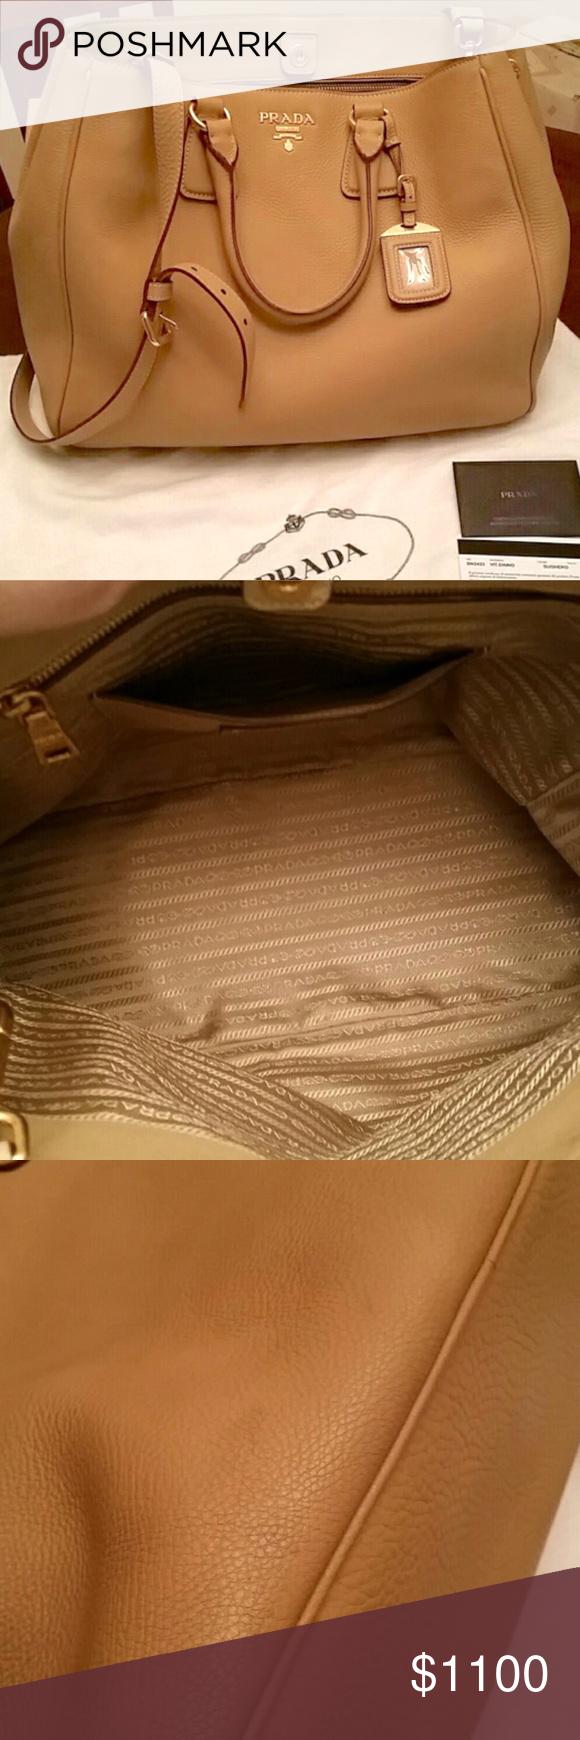 0ca76ff28d932 Prada Vitello Daino tote crossbody bag GORGEOUS Prada bag! Scrumptious  camel color. Awesome condition